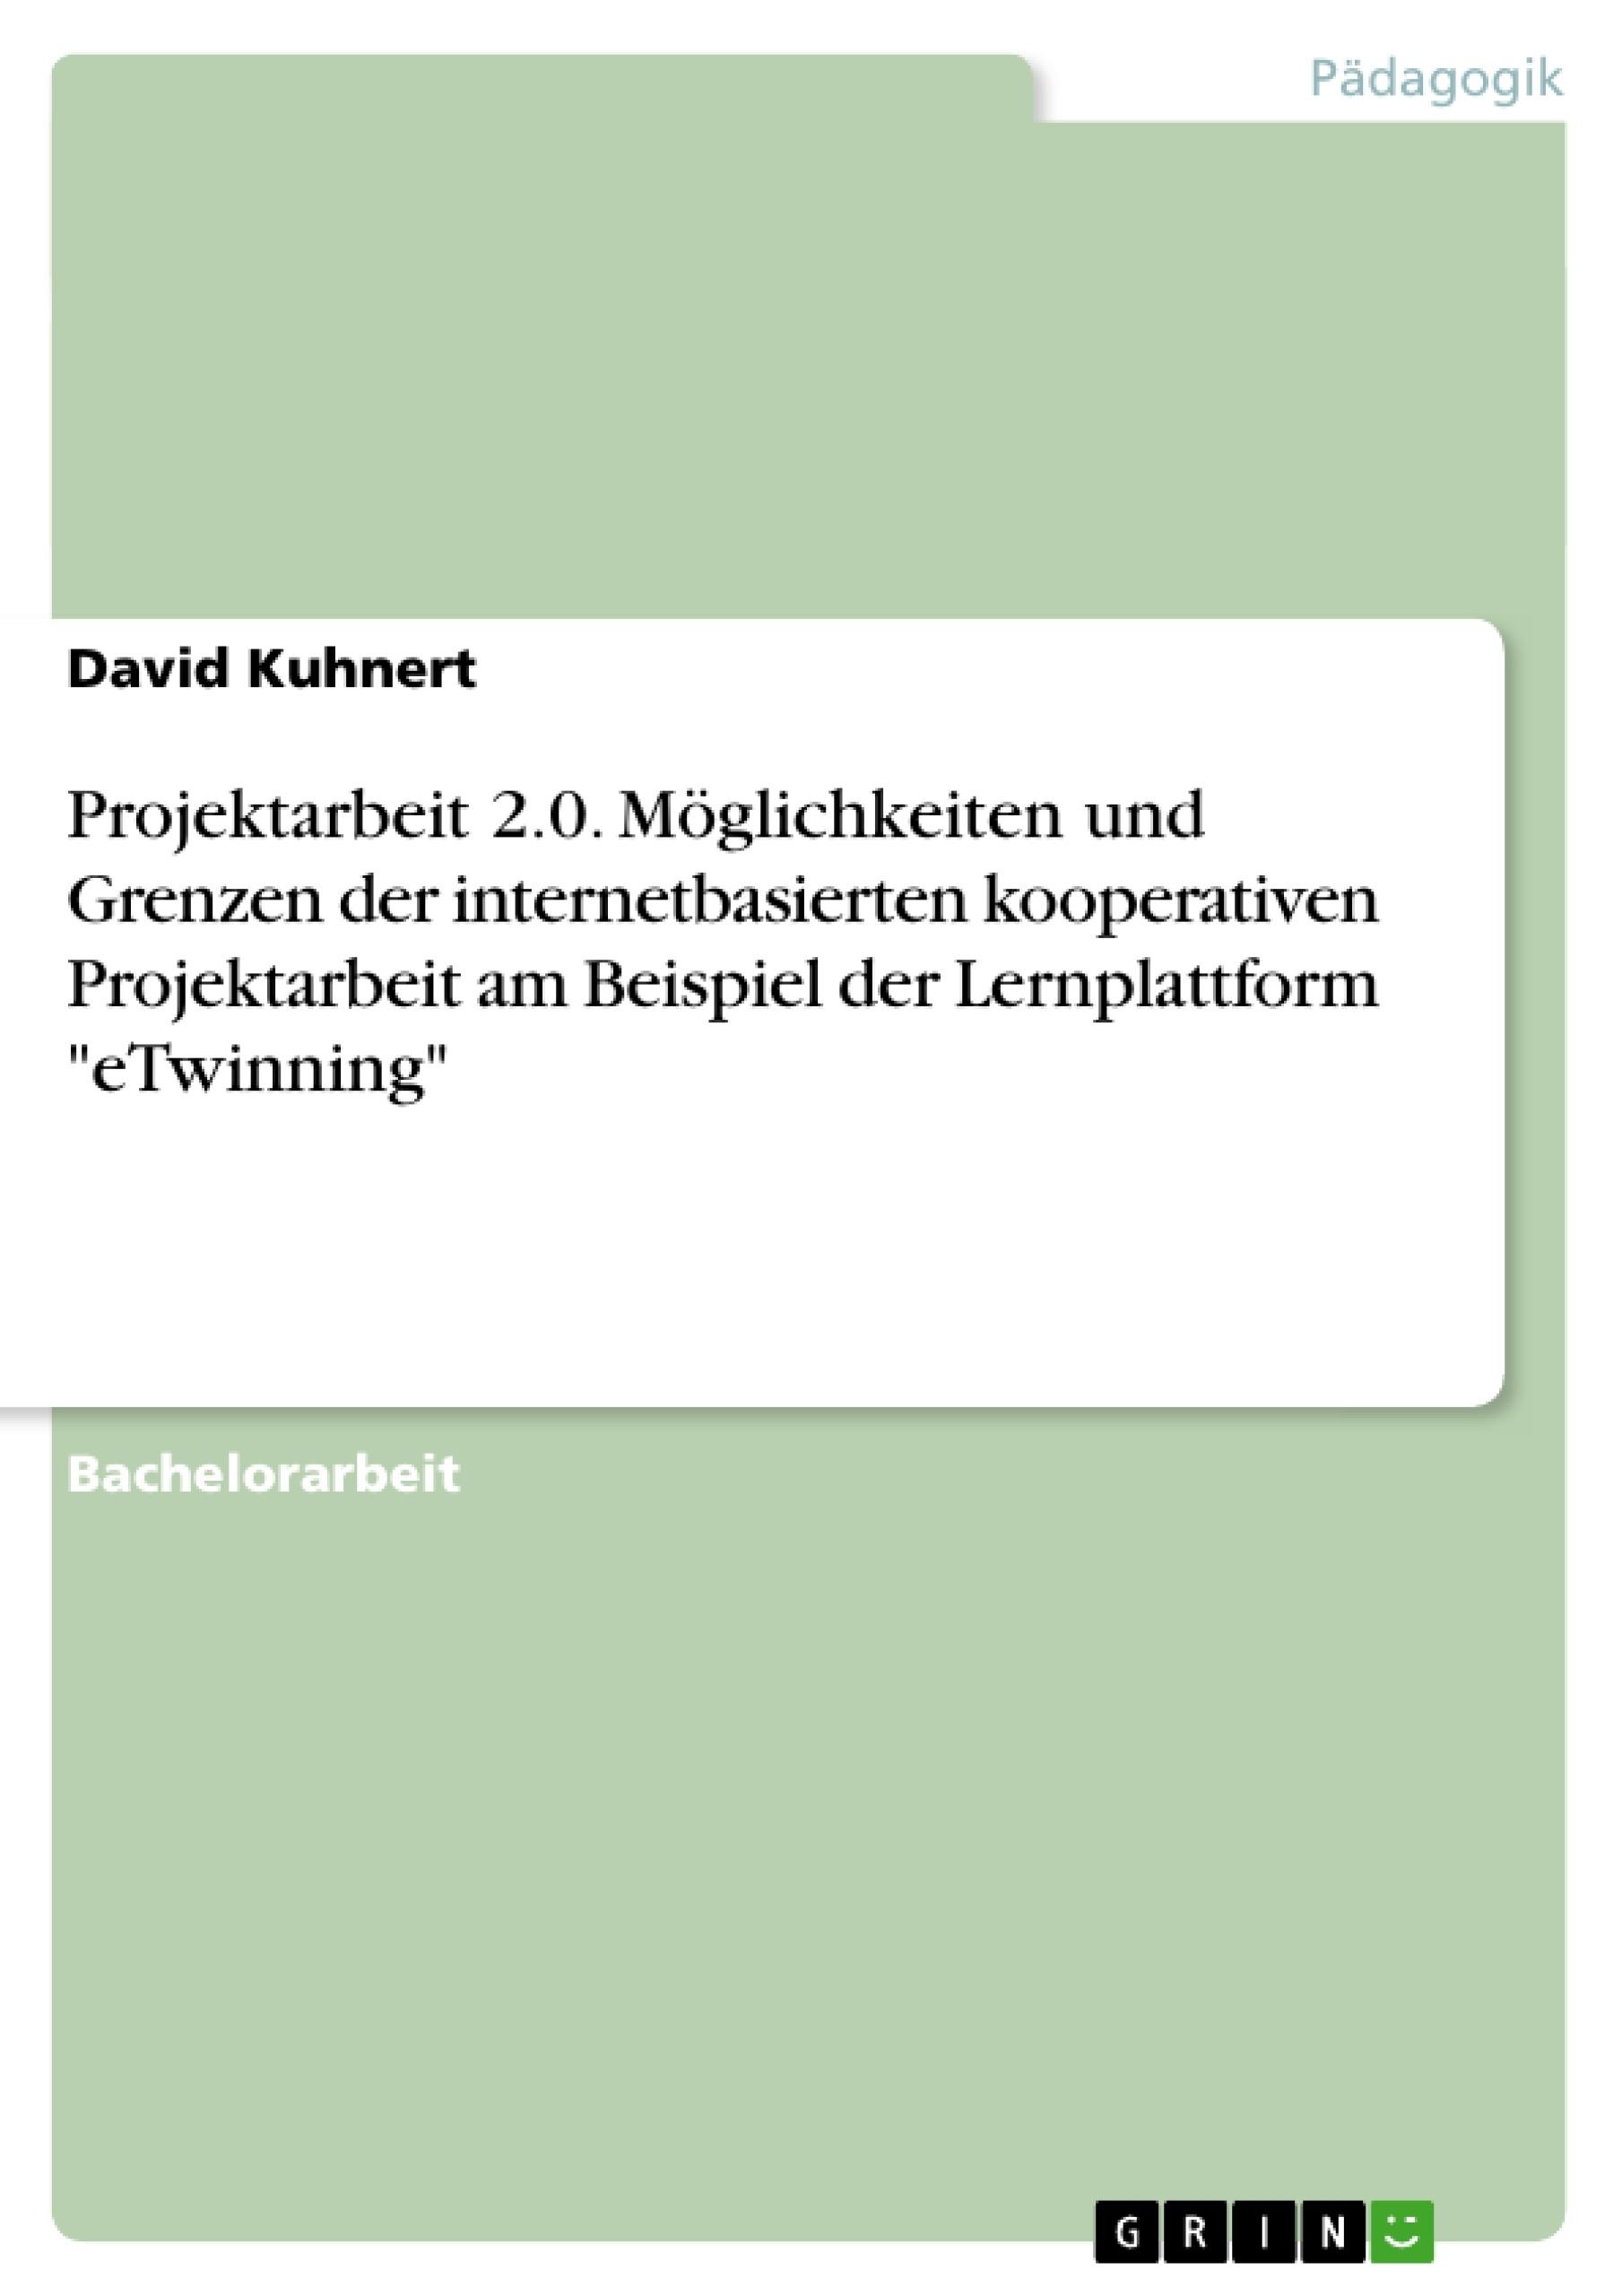 """Titel: Projektarbeit 2.0. Möglichkeiten und Grenzen der internetbasierten kooperativen Projektarbeit am Beispiel der Lernplattform """"eTwinning"""""""